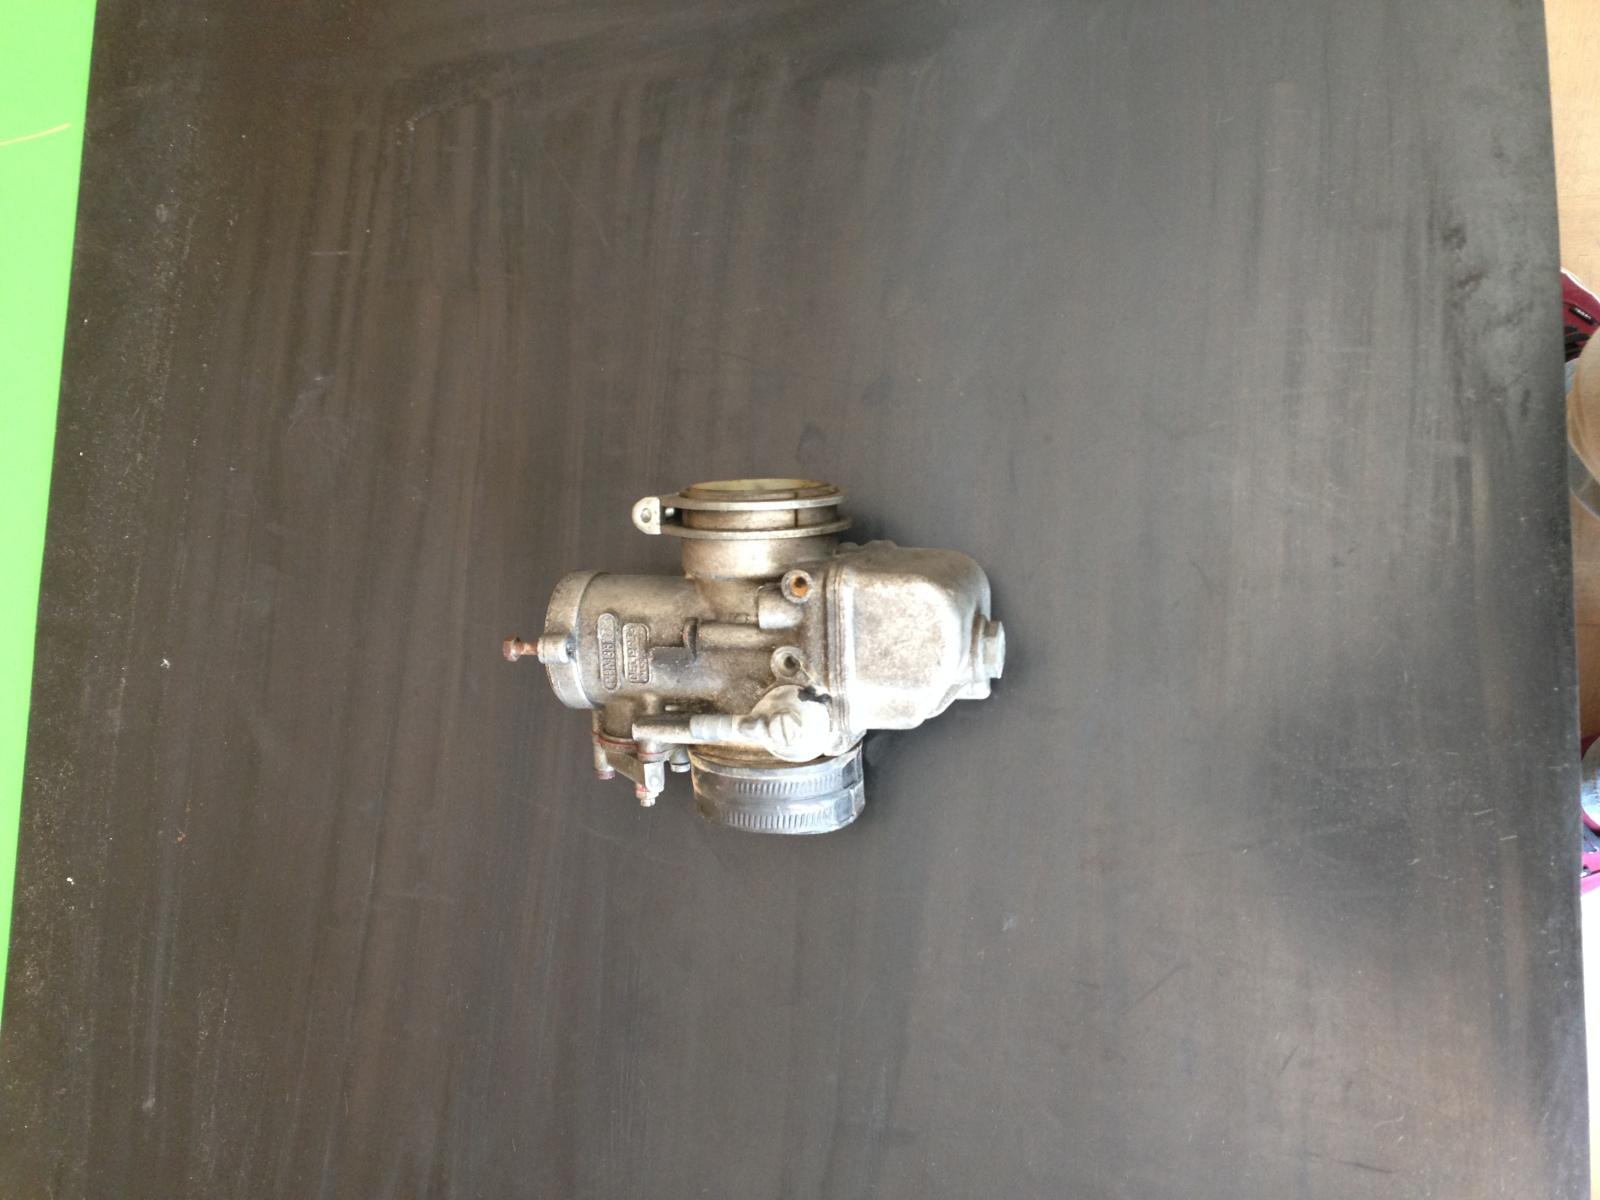 Carburadores BMW R90s 9tn6vq